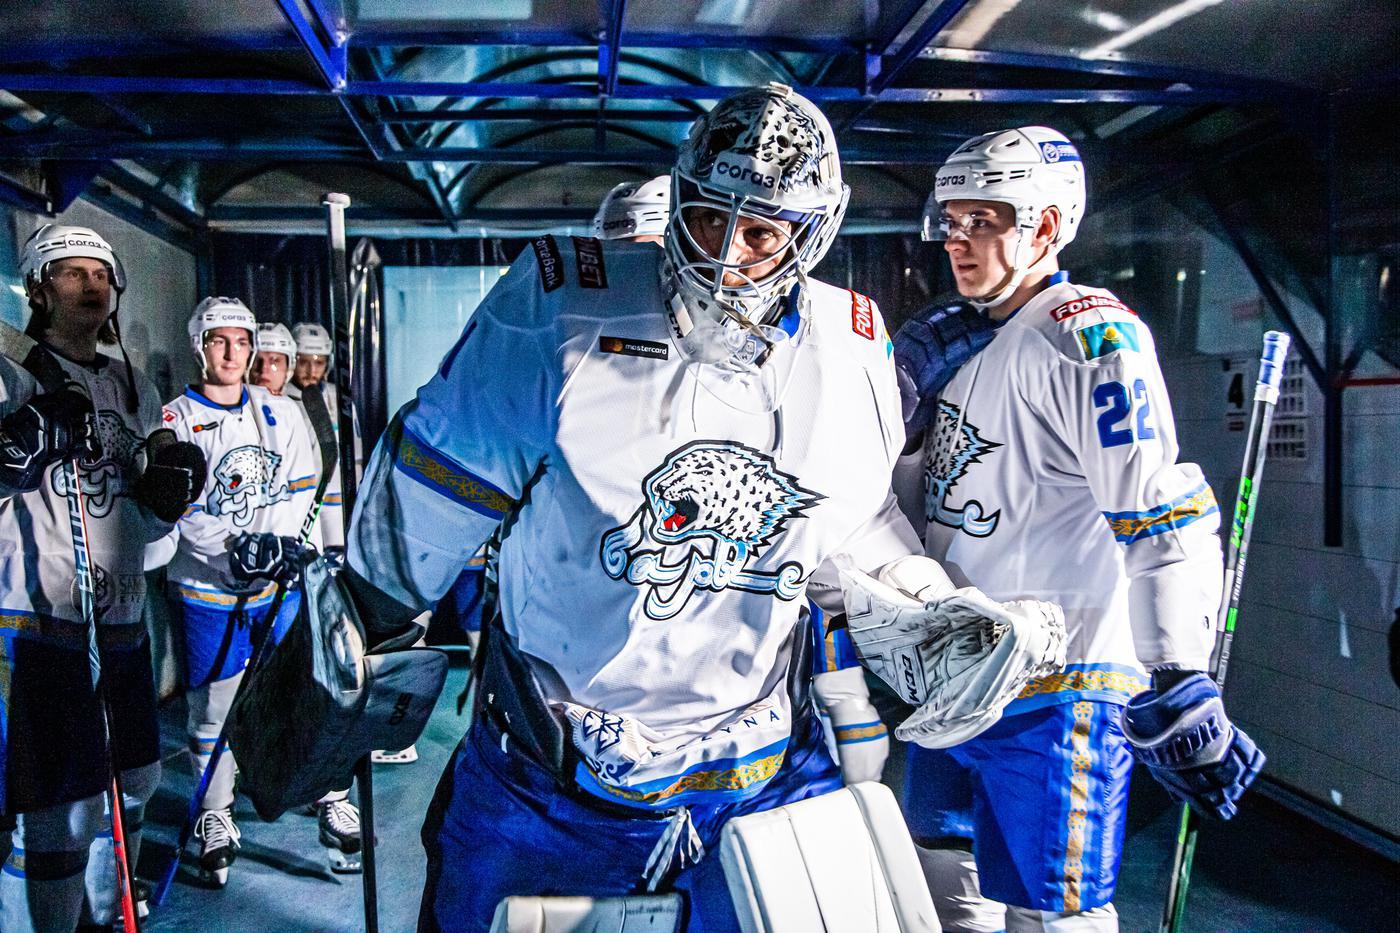 Определились все участники плей-офф КХЛ в Восточной конференции - фото